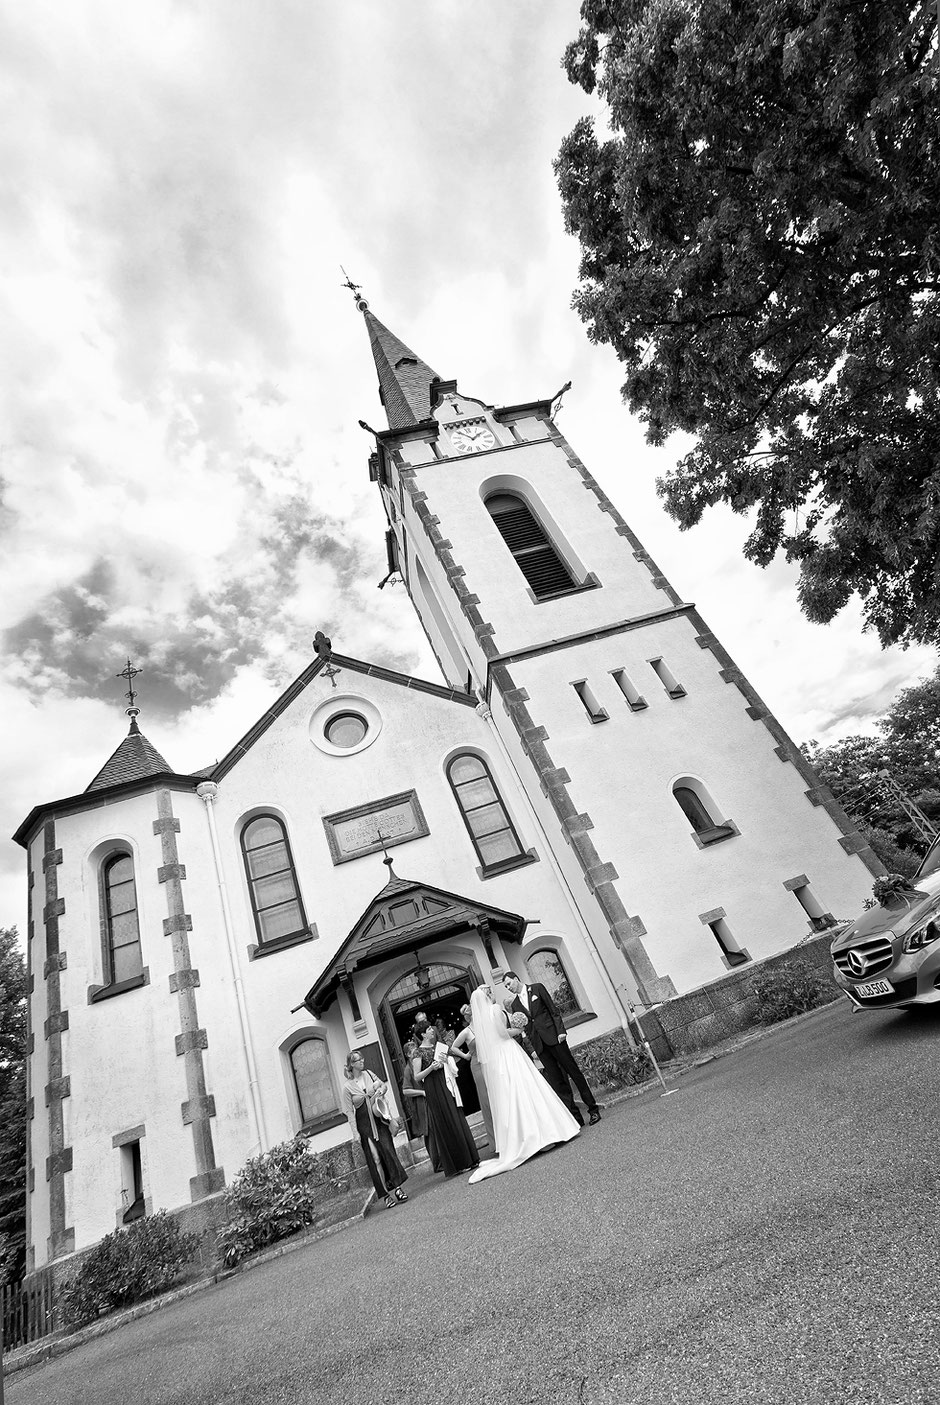 Kirche albernau, zschorlau, Fotograf zschorlau, hochzeit zschorlau, hochzeitsfotos, himmel. brautpaar